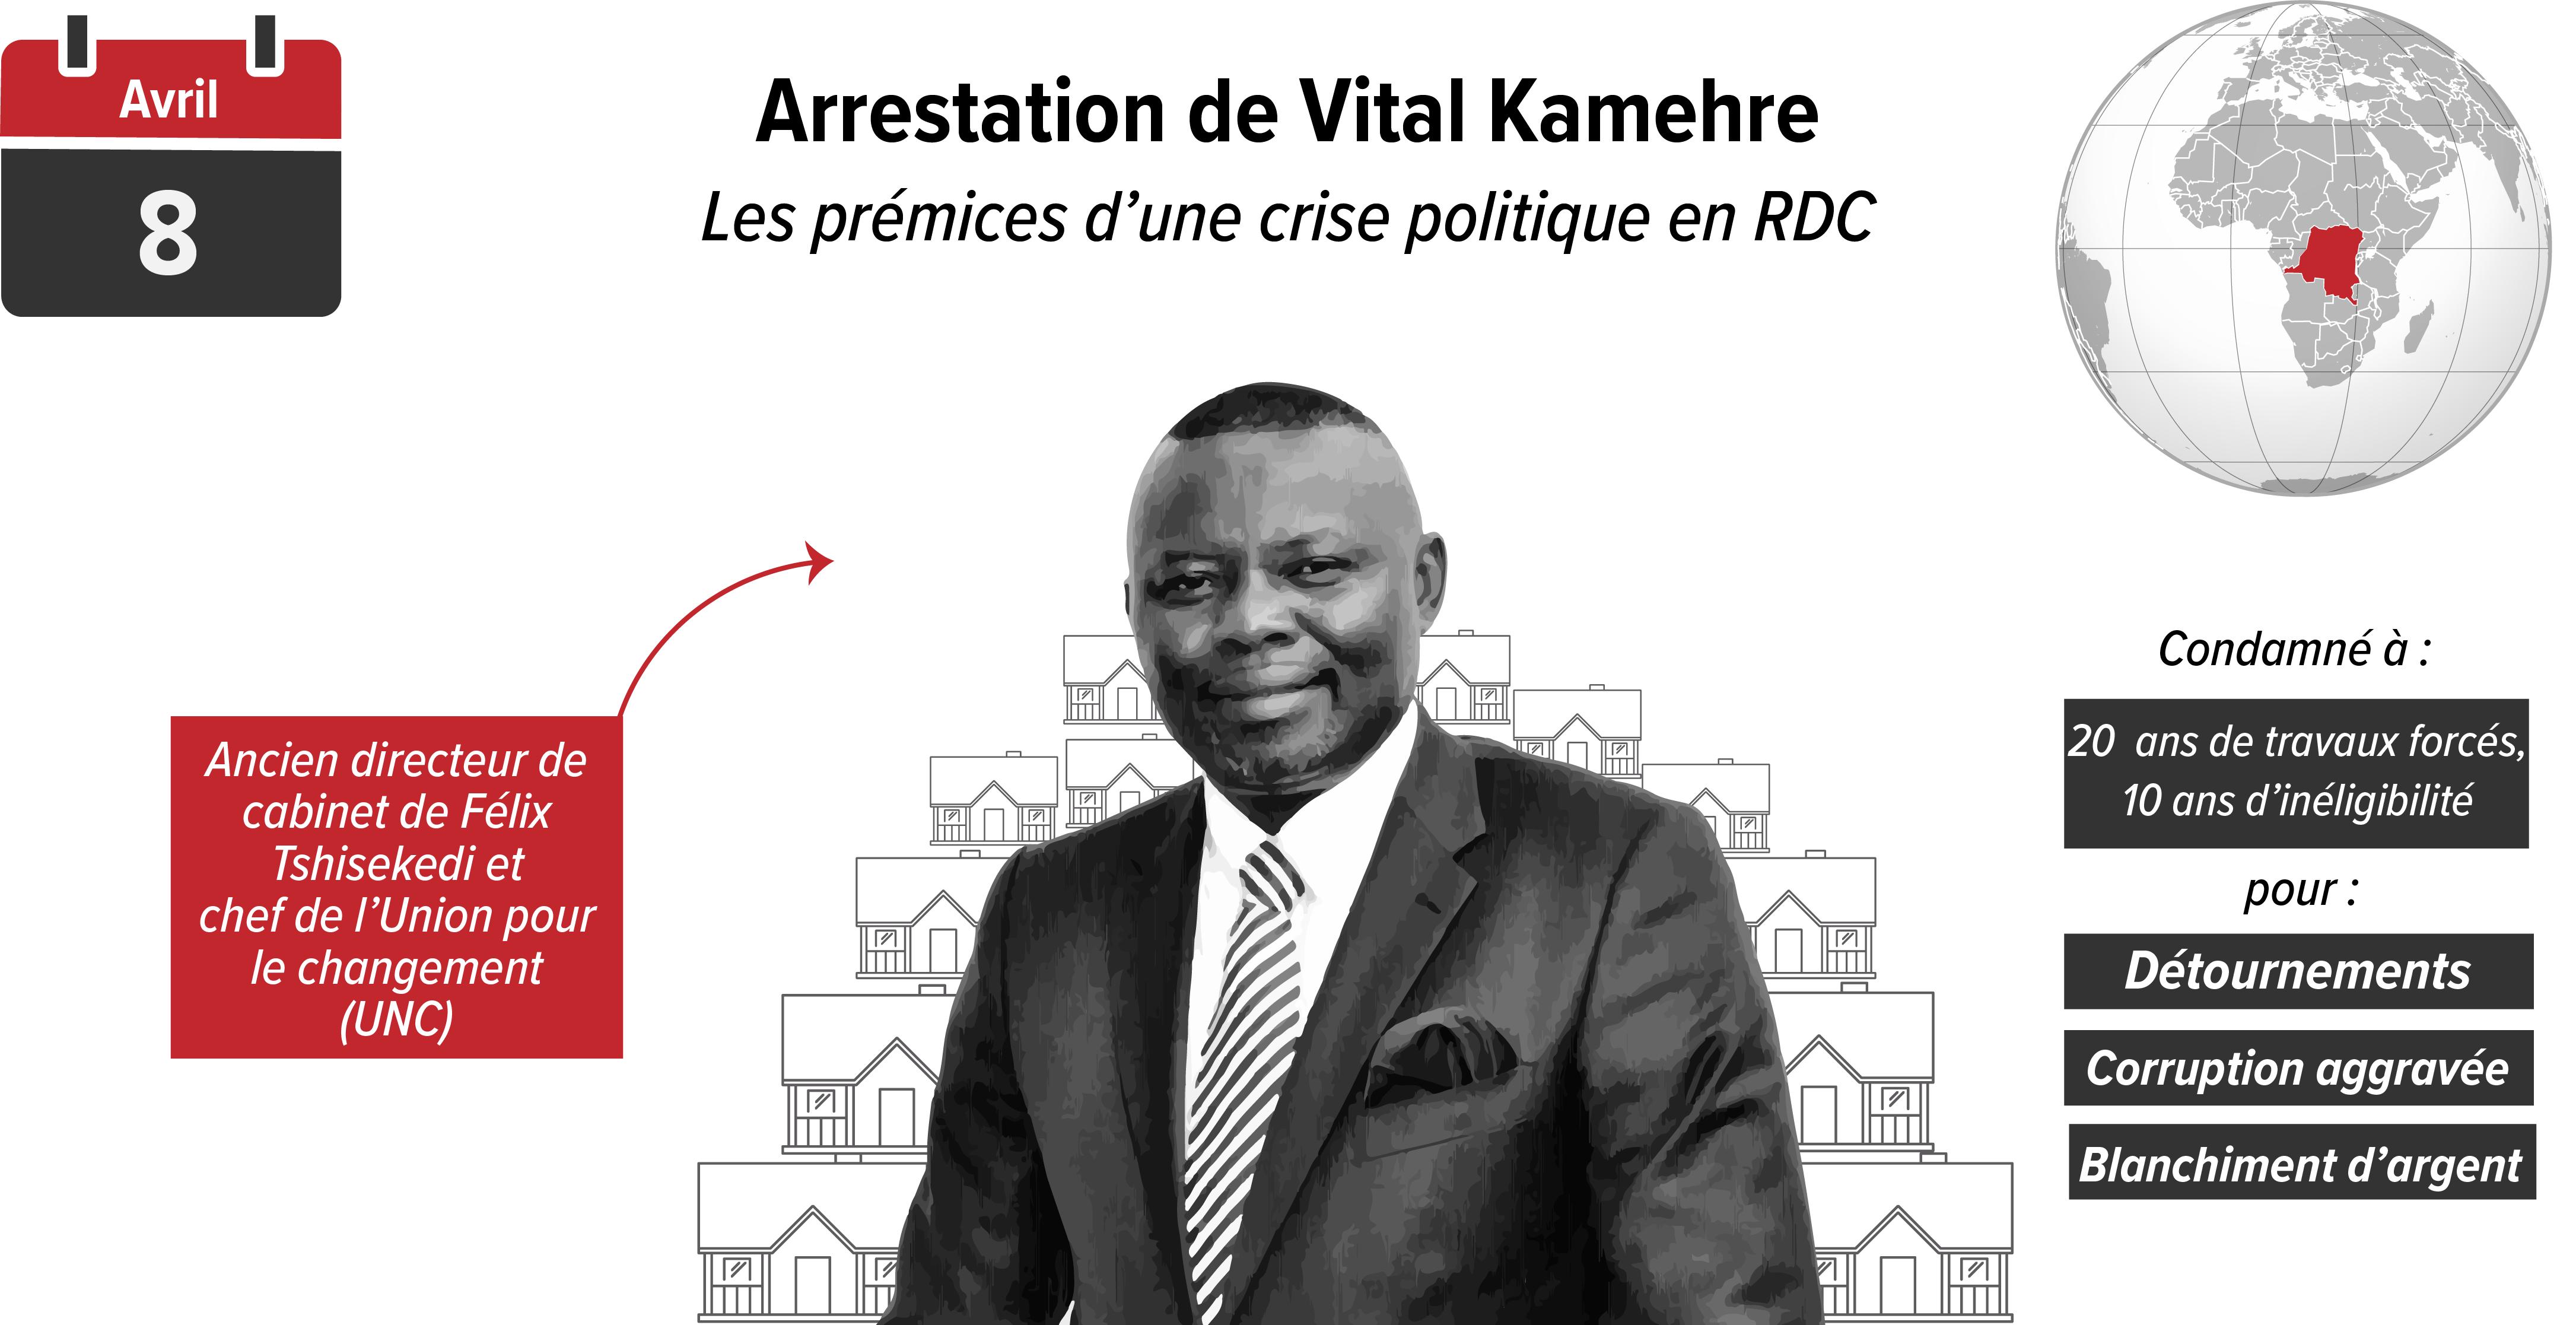 kamerhe_fiche (1)